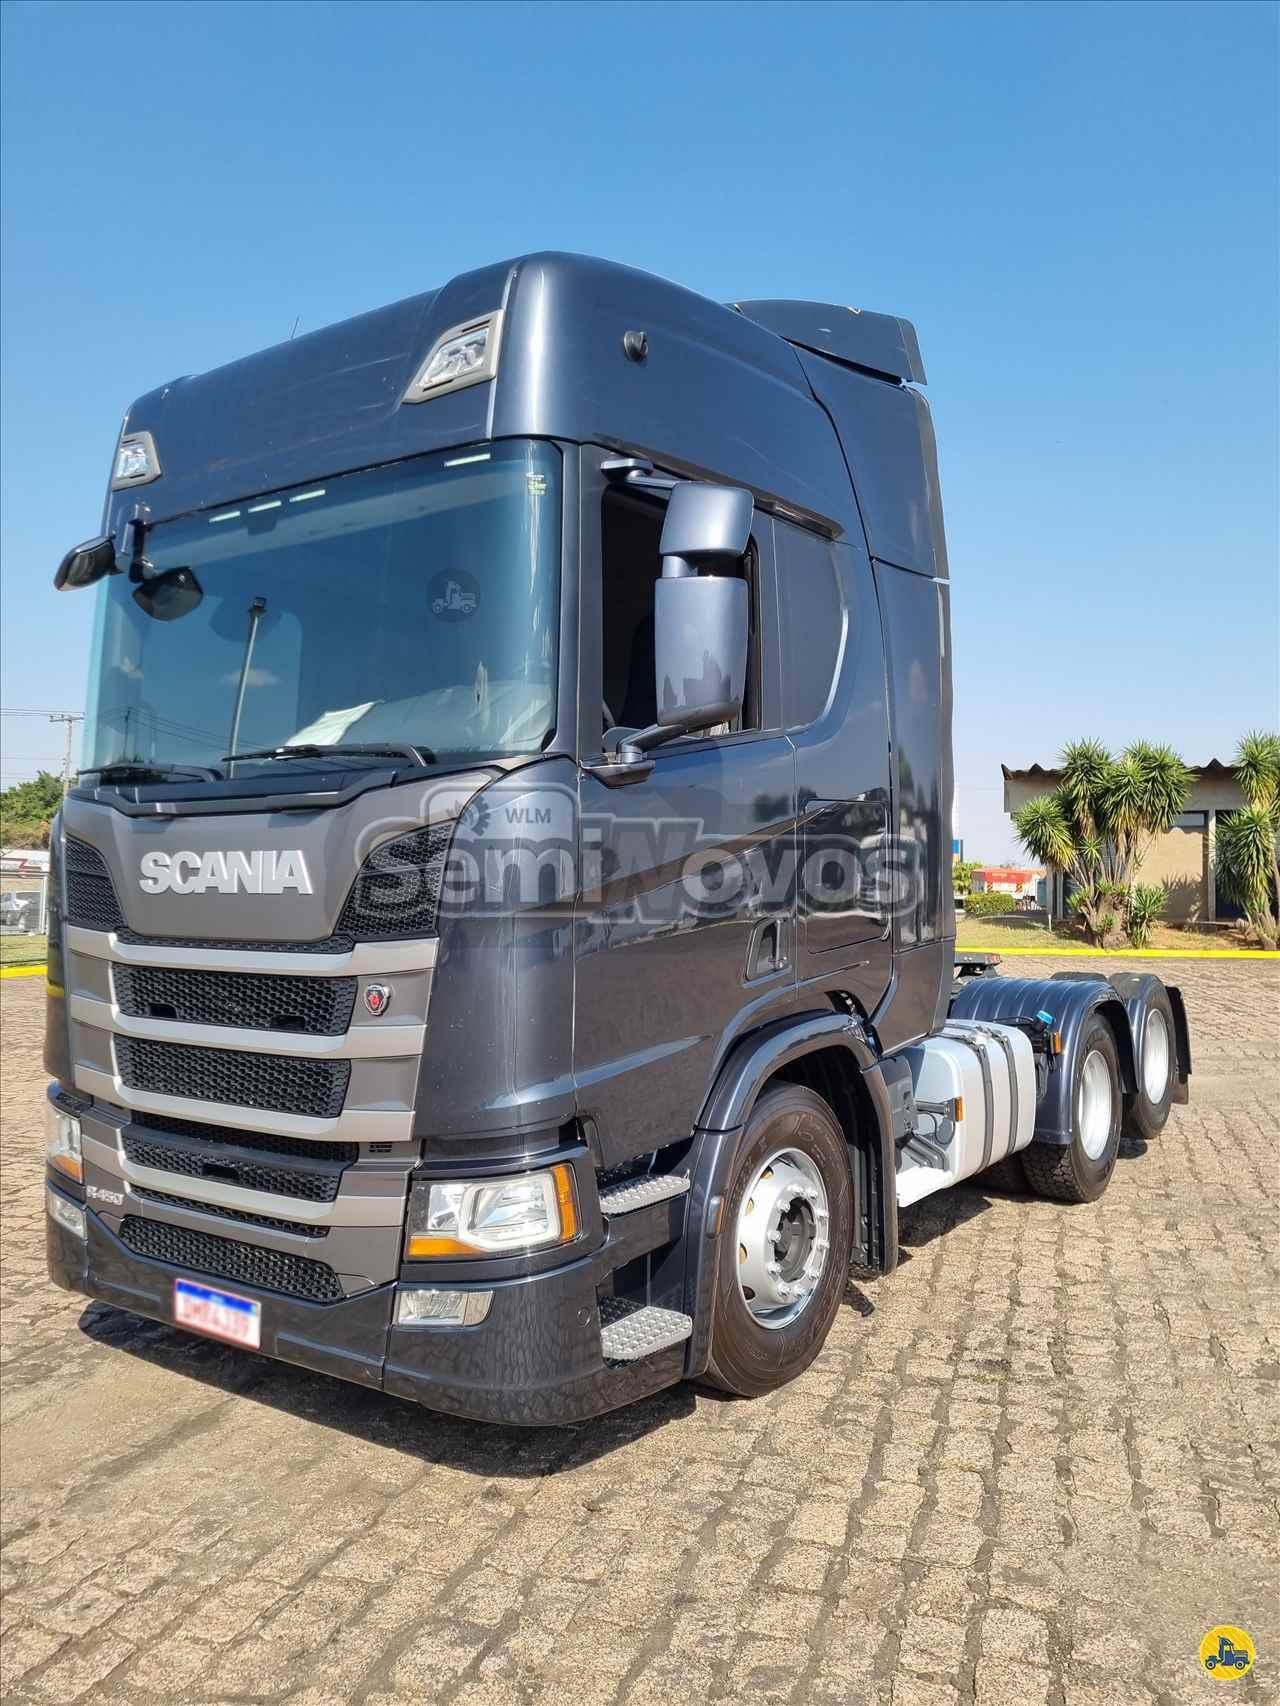 CAMINHAO SCANIA SCANIA 450 Cavalo Mecânico Truck 6x2 SEMINOVOS WLM - SP SUMARE SÃO PAULO SP